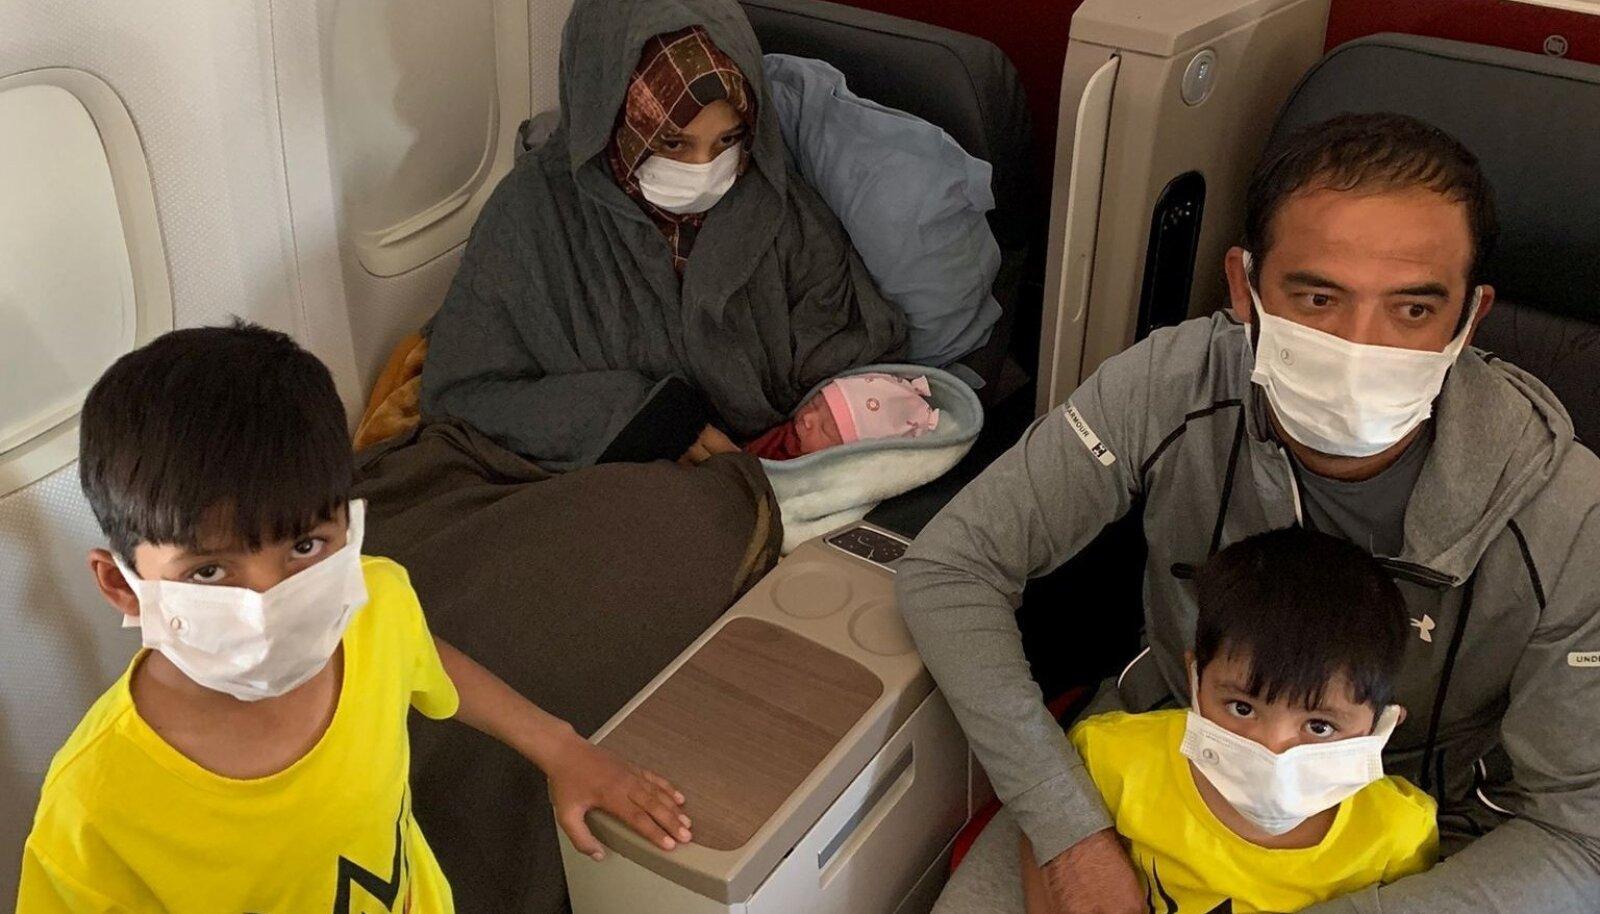 Soman Noori ning tema abikaasa Taj Moh Hammat koos poegade ja vastsündinud tütrega